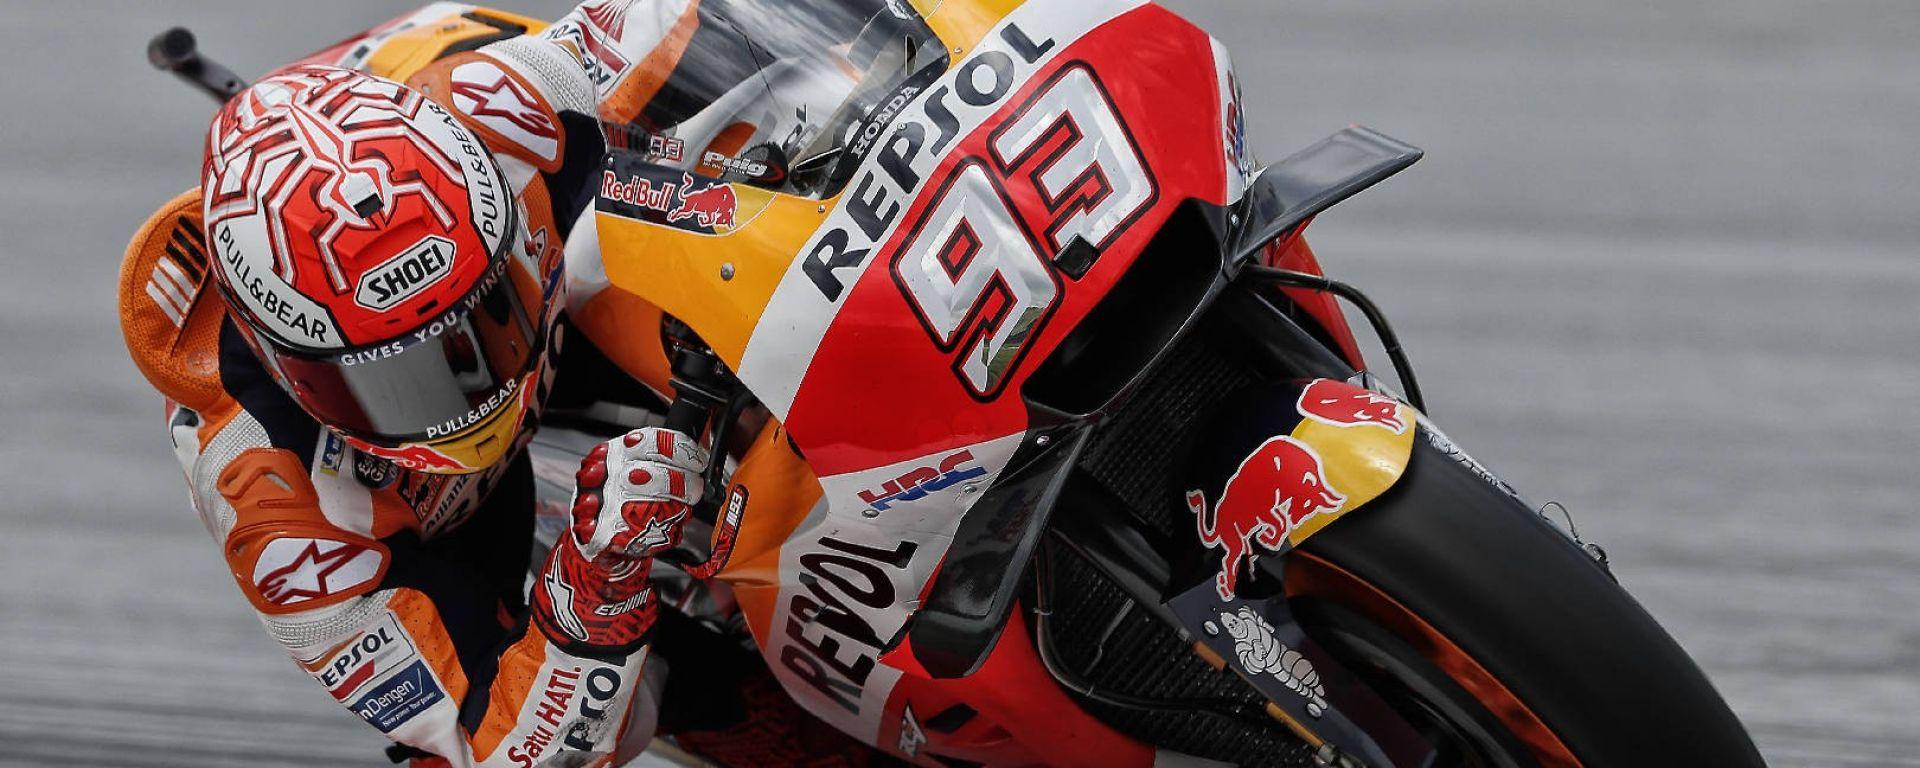 MotoGP Sepang 2018: Rossi cade e consegna la vittoria a Marquez